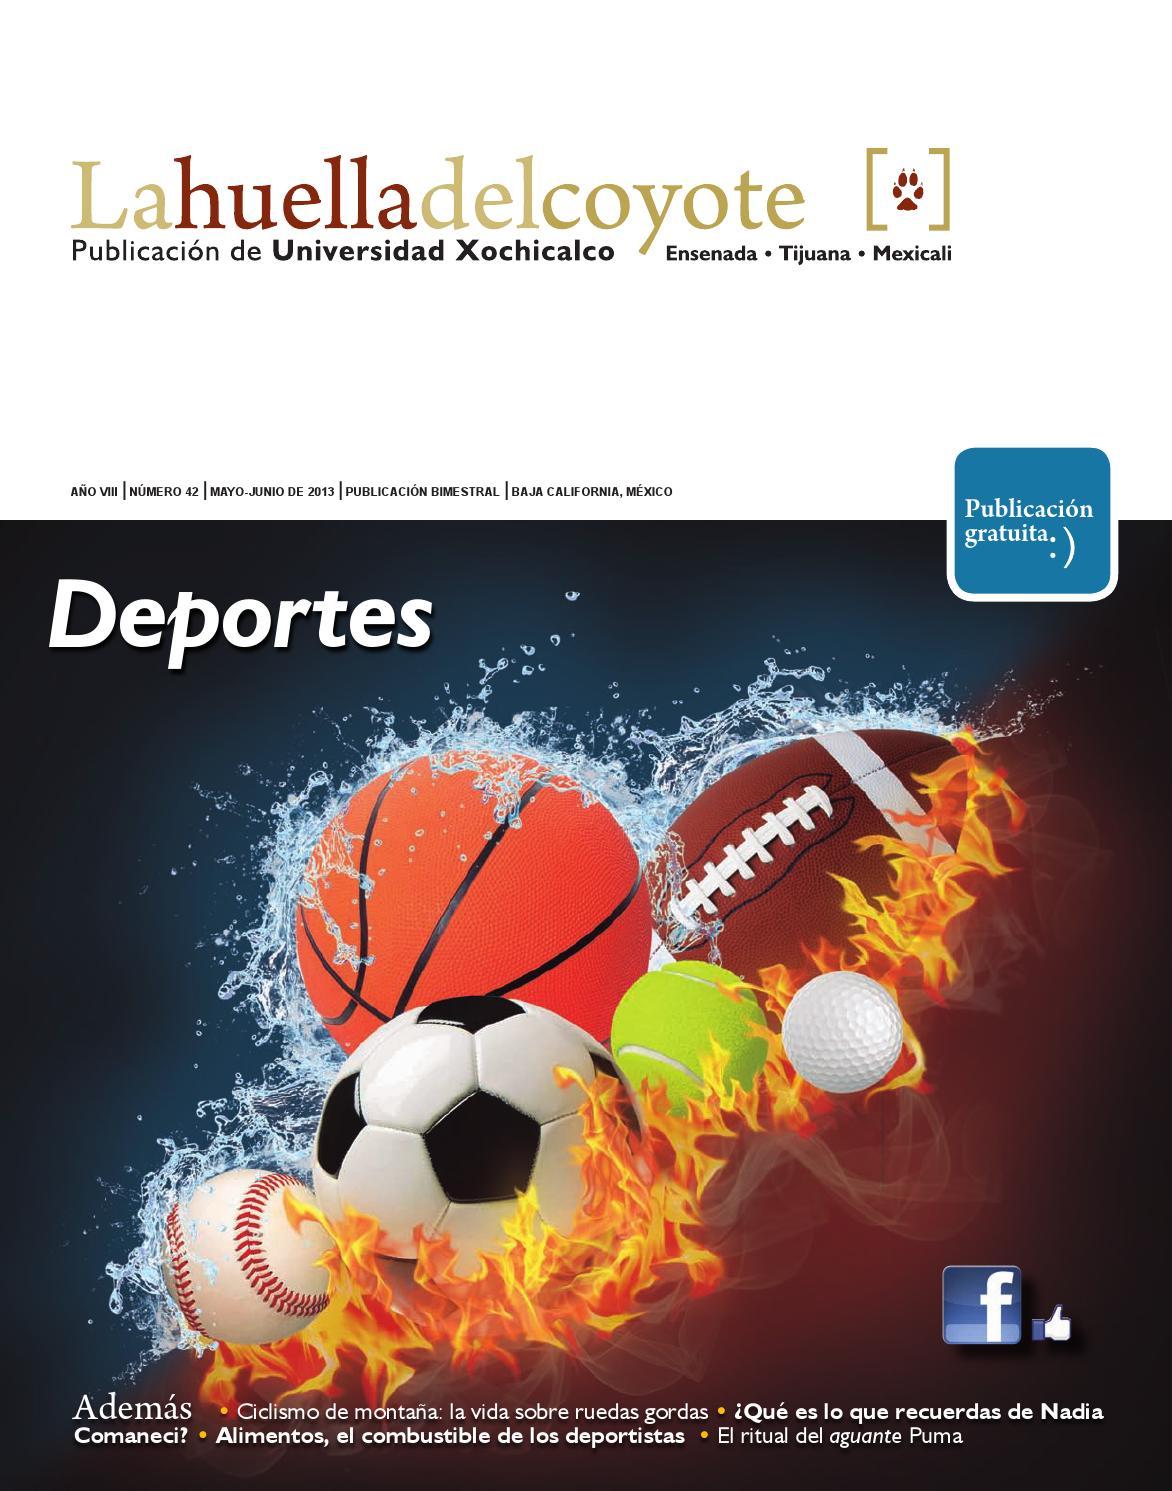 buy online 2c683 4204b 42 La huella del coyote by La huella del coyote - issuu